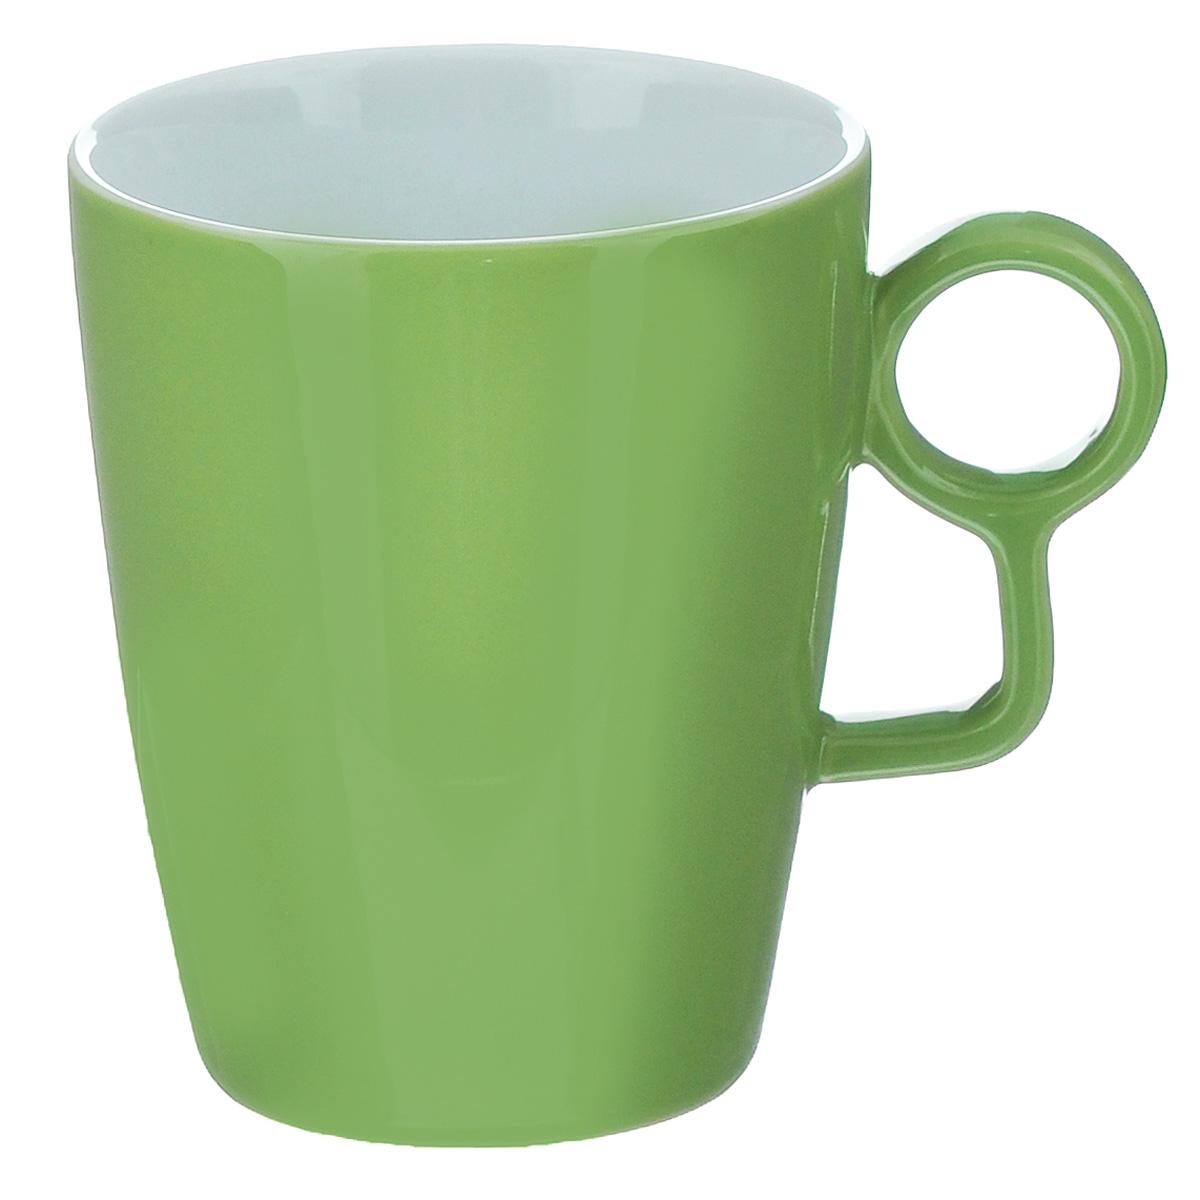 Кружка Sagaform Loop, цвет: зеленый, 250 мл115510Кружка Sagaform выполнена из высококачественной керамики. Изделие оснащено удобной ручкой. Кружка сочетает в себе оригинальный дизайн и функциональность. Благодаря такой кружке пить напитки будет еще вкуснее. Кружка Sagaform согреет вас долгими холодными вечерами. Можно использовать в посудомоечной машине.Объем: 250 мл.Диаметр (по верхнему краю): 7,5 см.Высота кружки: 10 см.